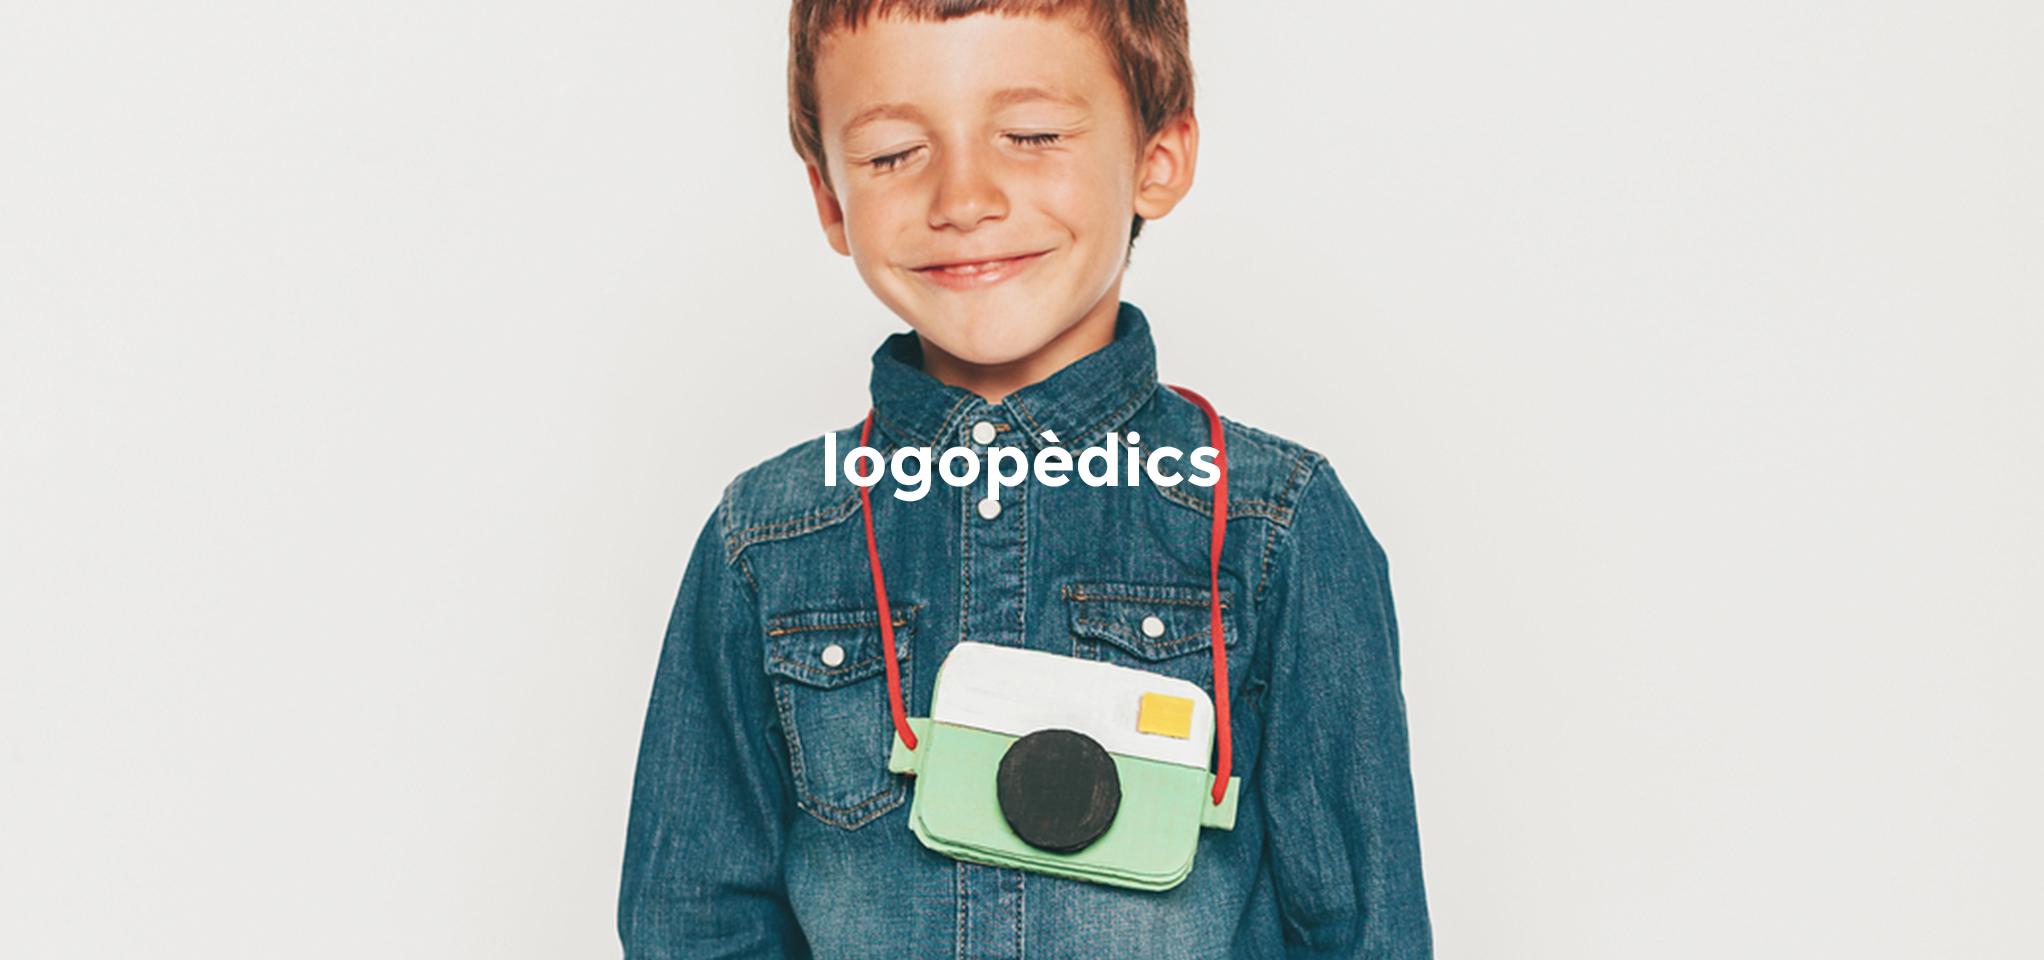 logopedics03